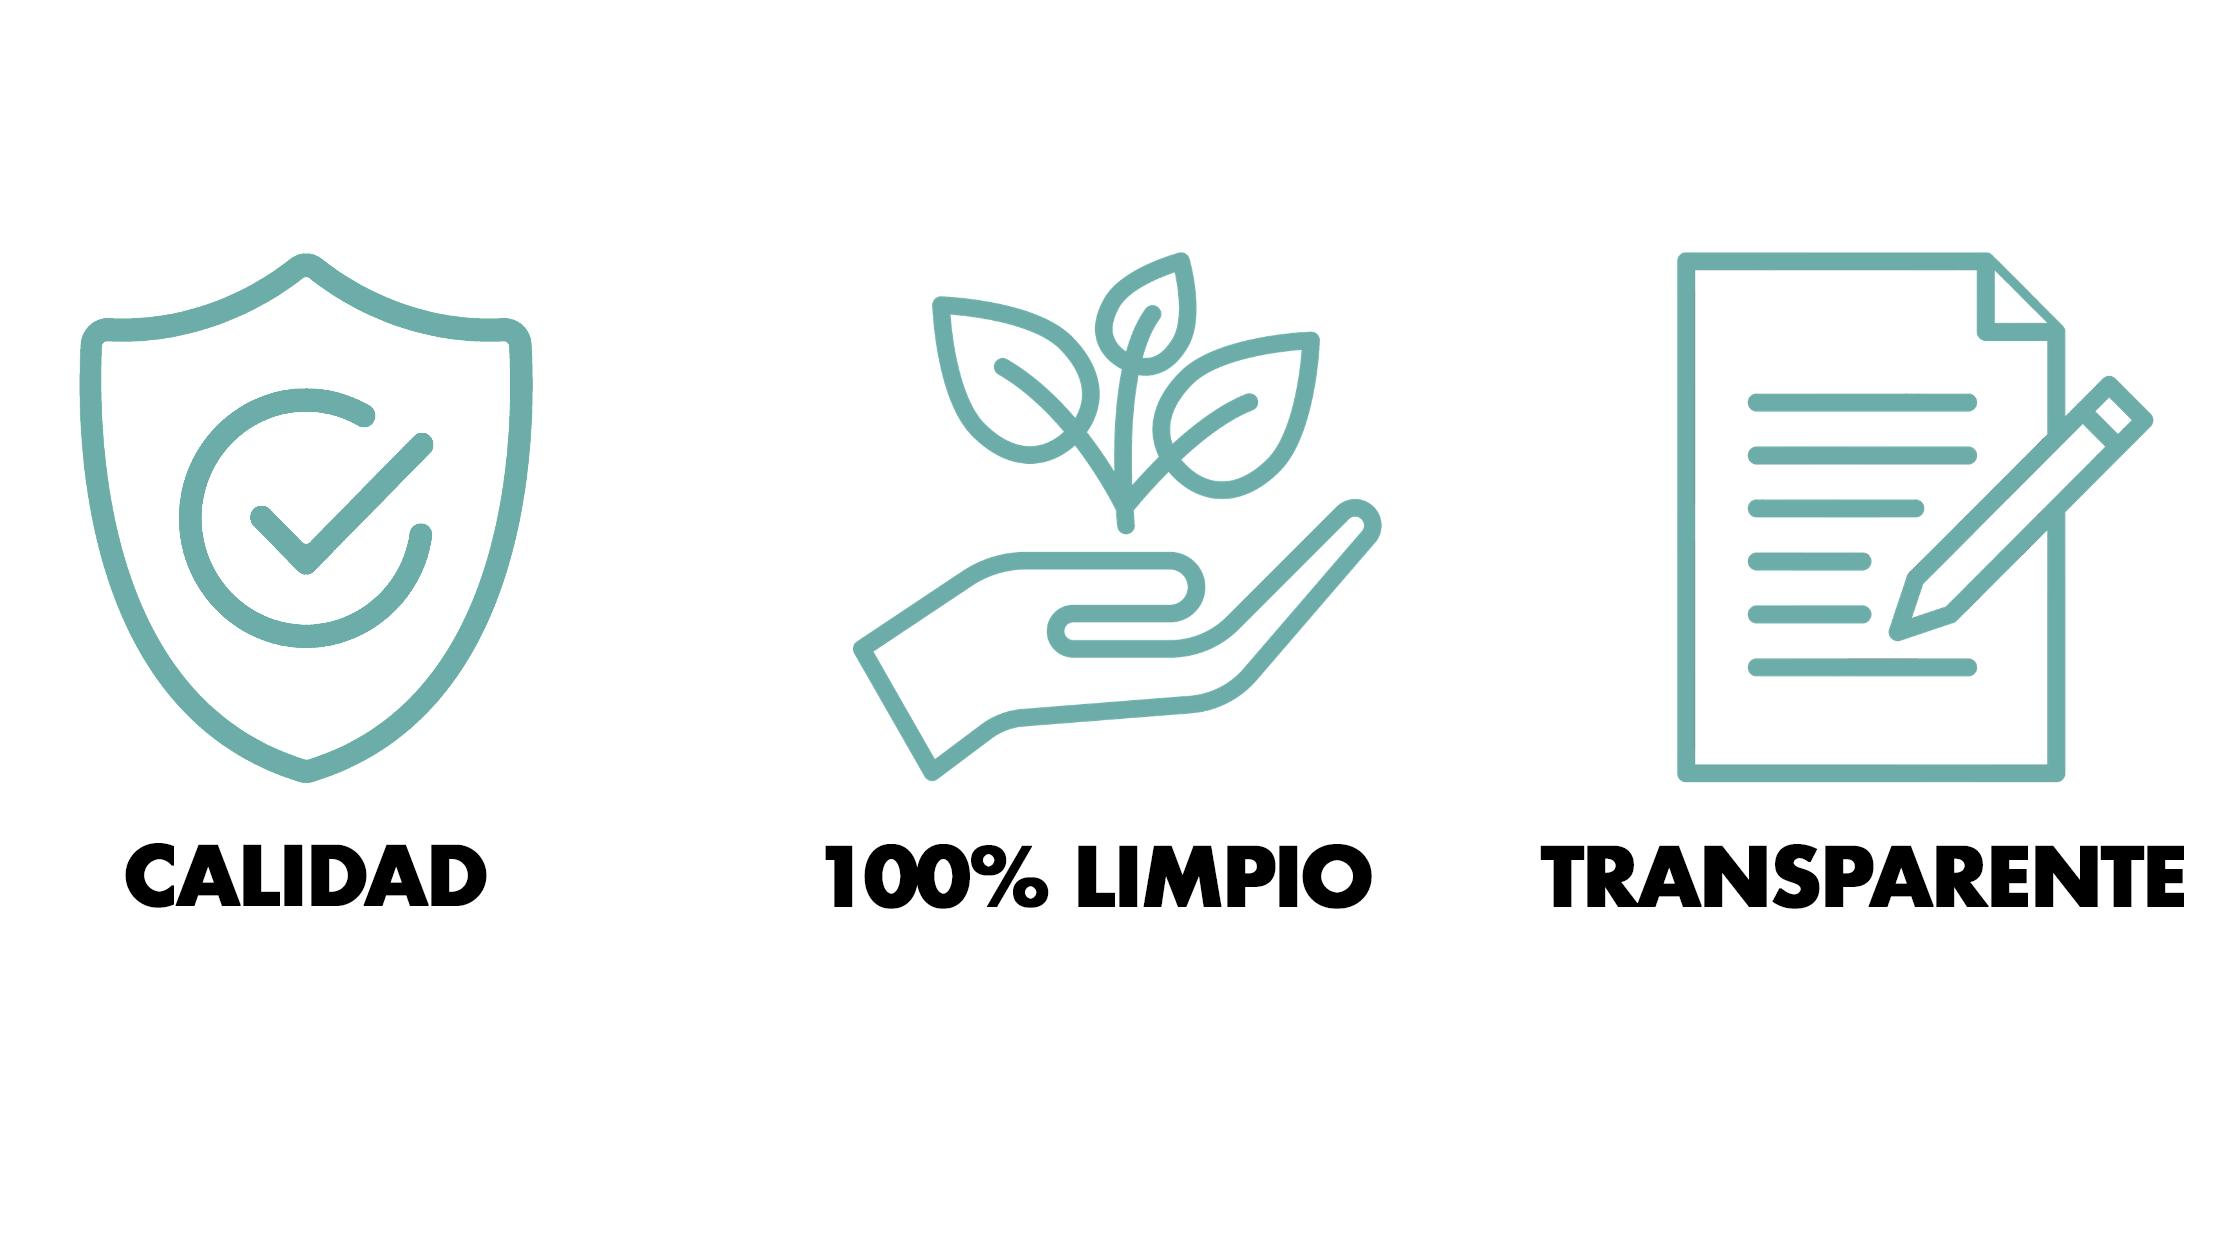 ES bande pictos argalys CALIDAD clean transparente 2